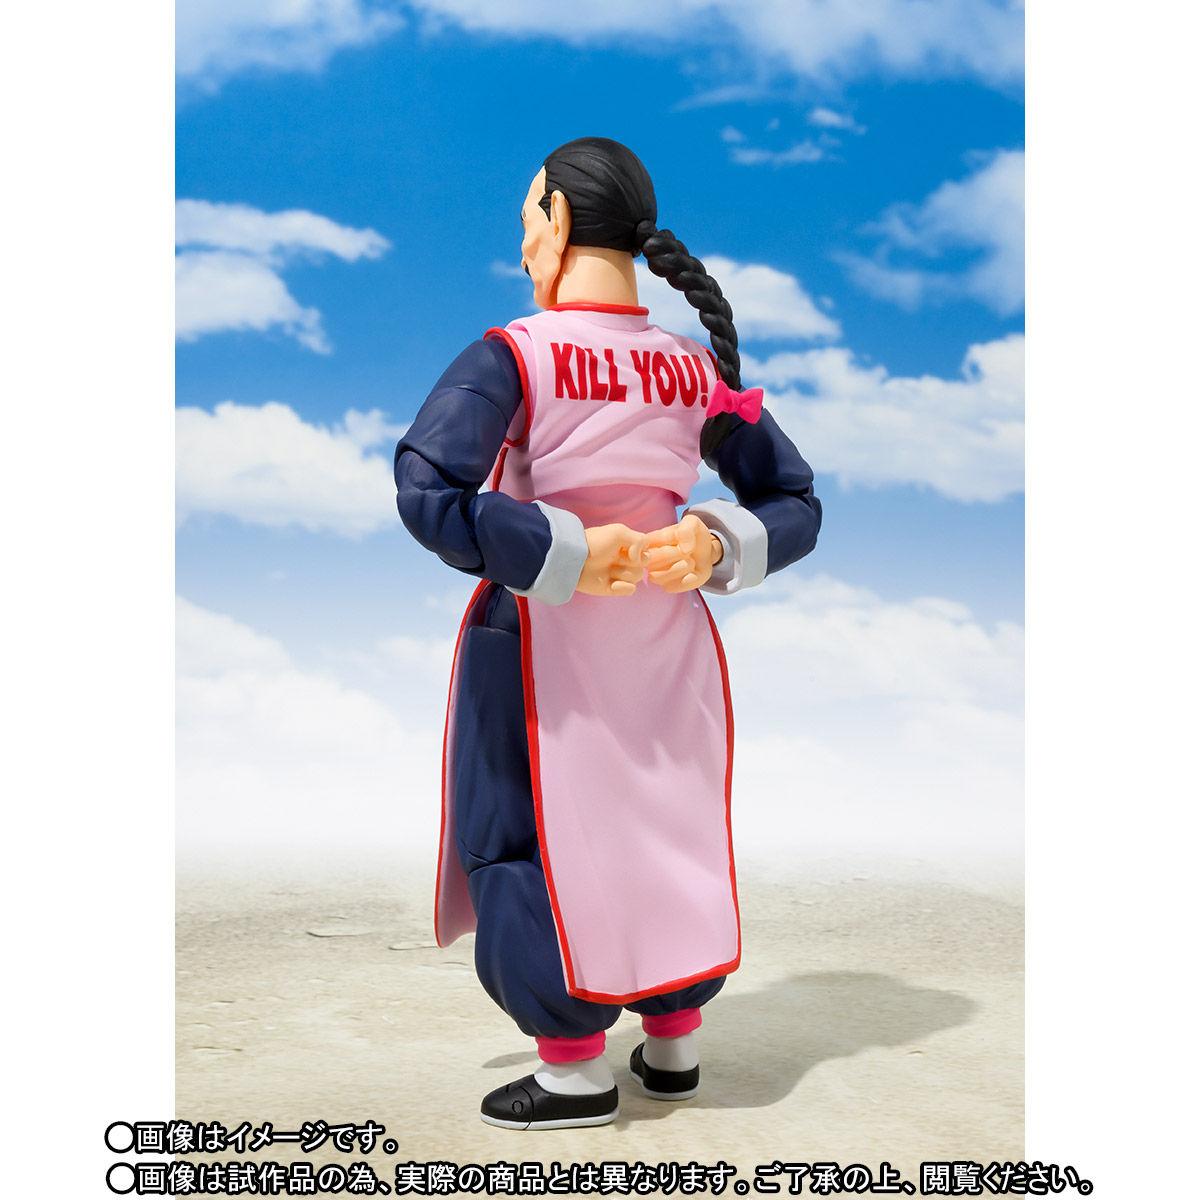 【限定販売】S.H.フィギュアーツ『桃白白』ドラゴンボール 可動フィギュア-004